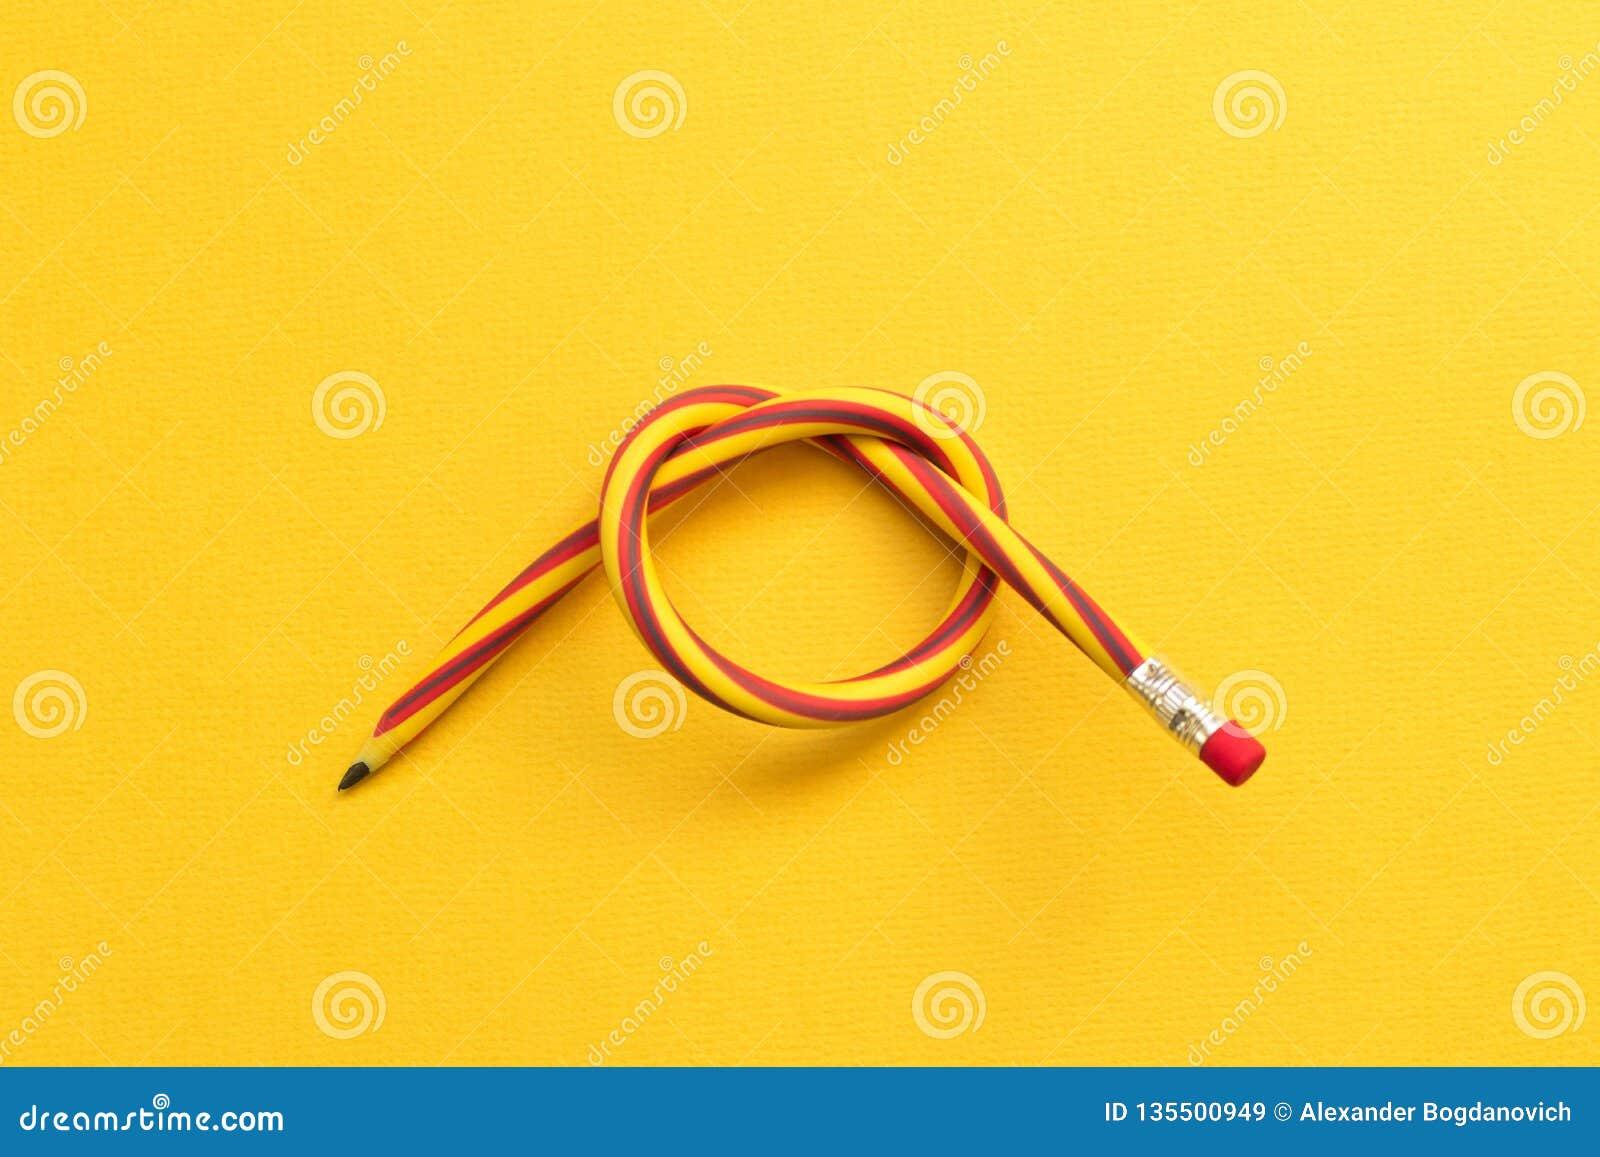 Böjlig blyertspenna Isolerat på gul bakgrund